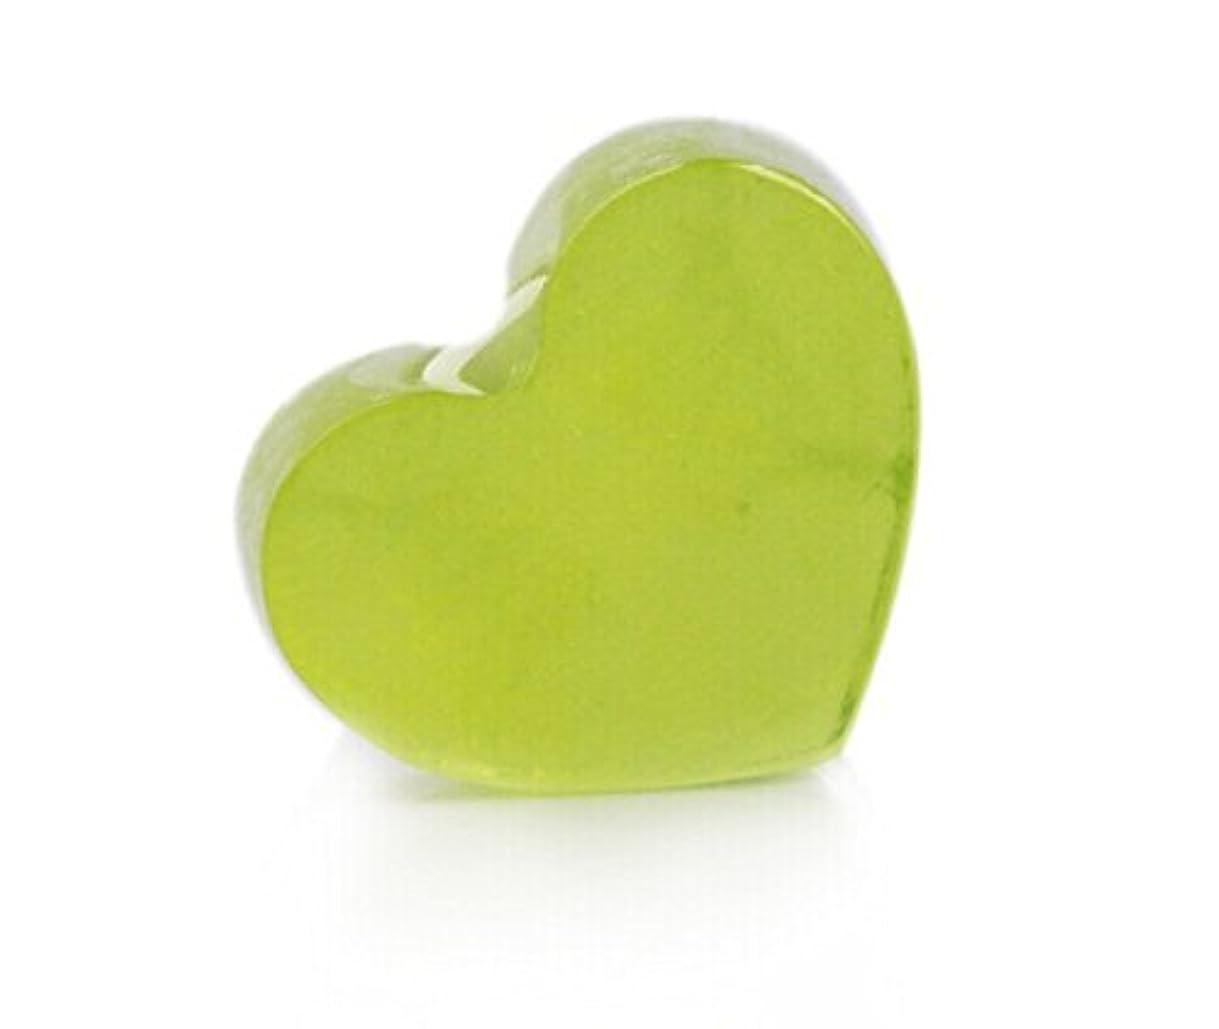 デンマーク語自治お願いします緑茶クレンジングディープクリーンにきび跡削除手作りオイルソープ  90g